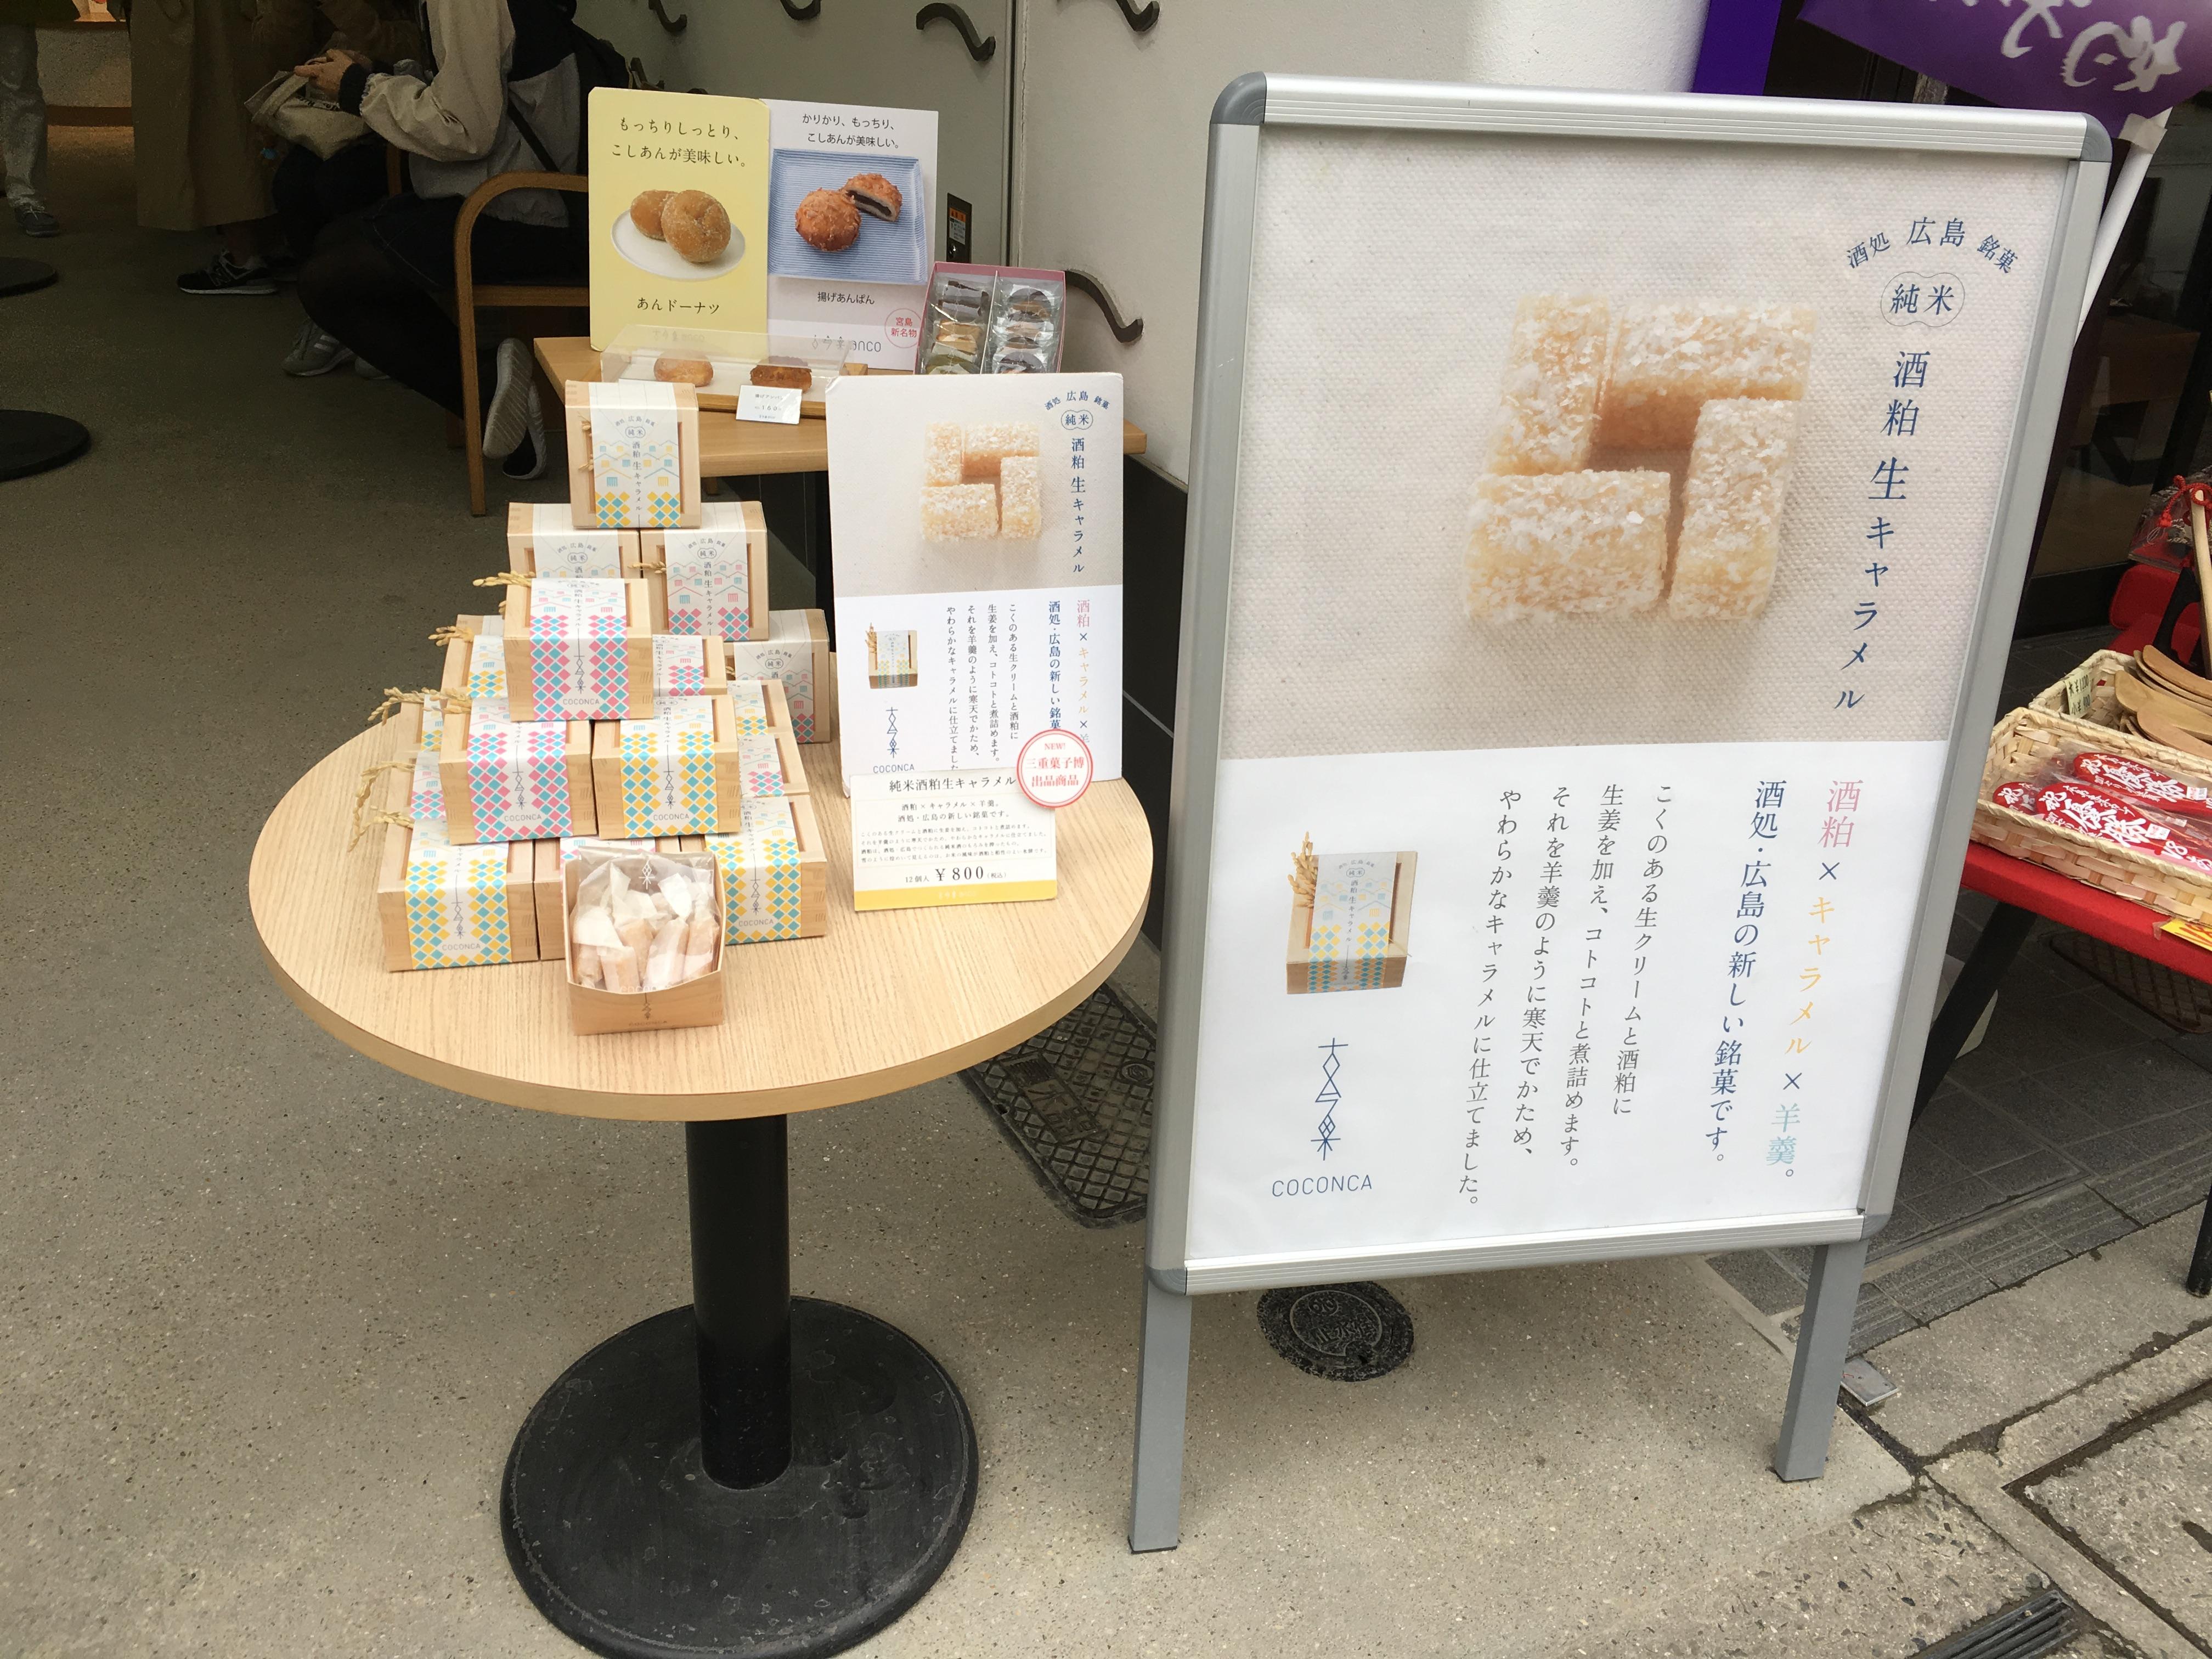 【レビュー】広島の新ブランド「古今菓anco」のスイーツを食べてみた感想